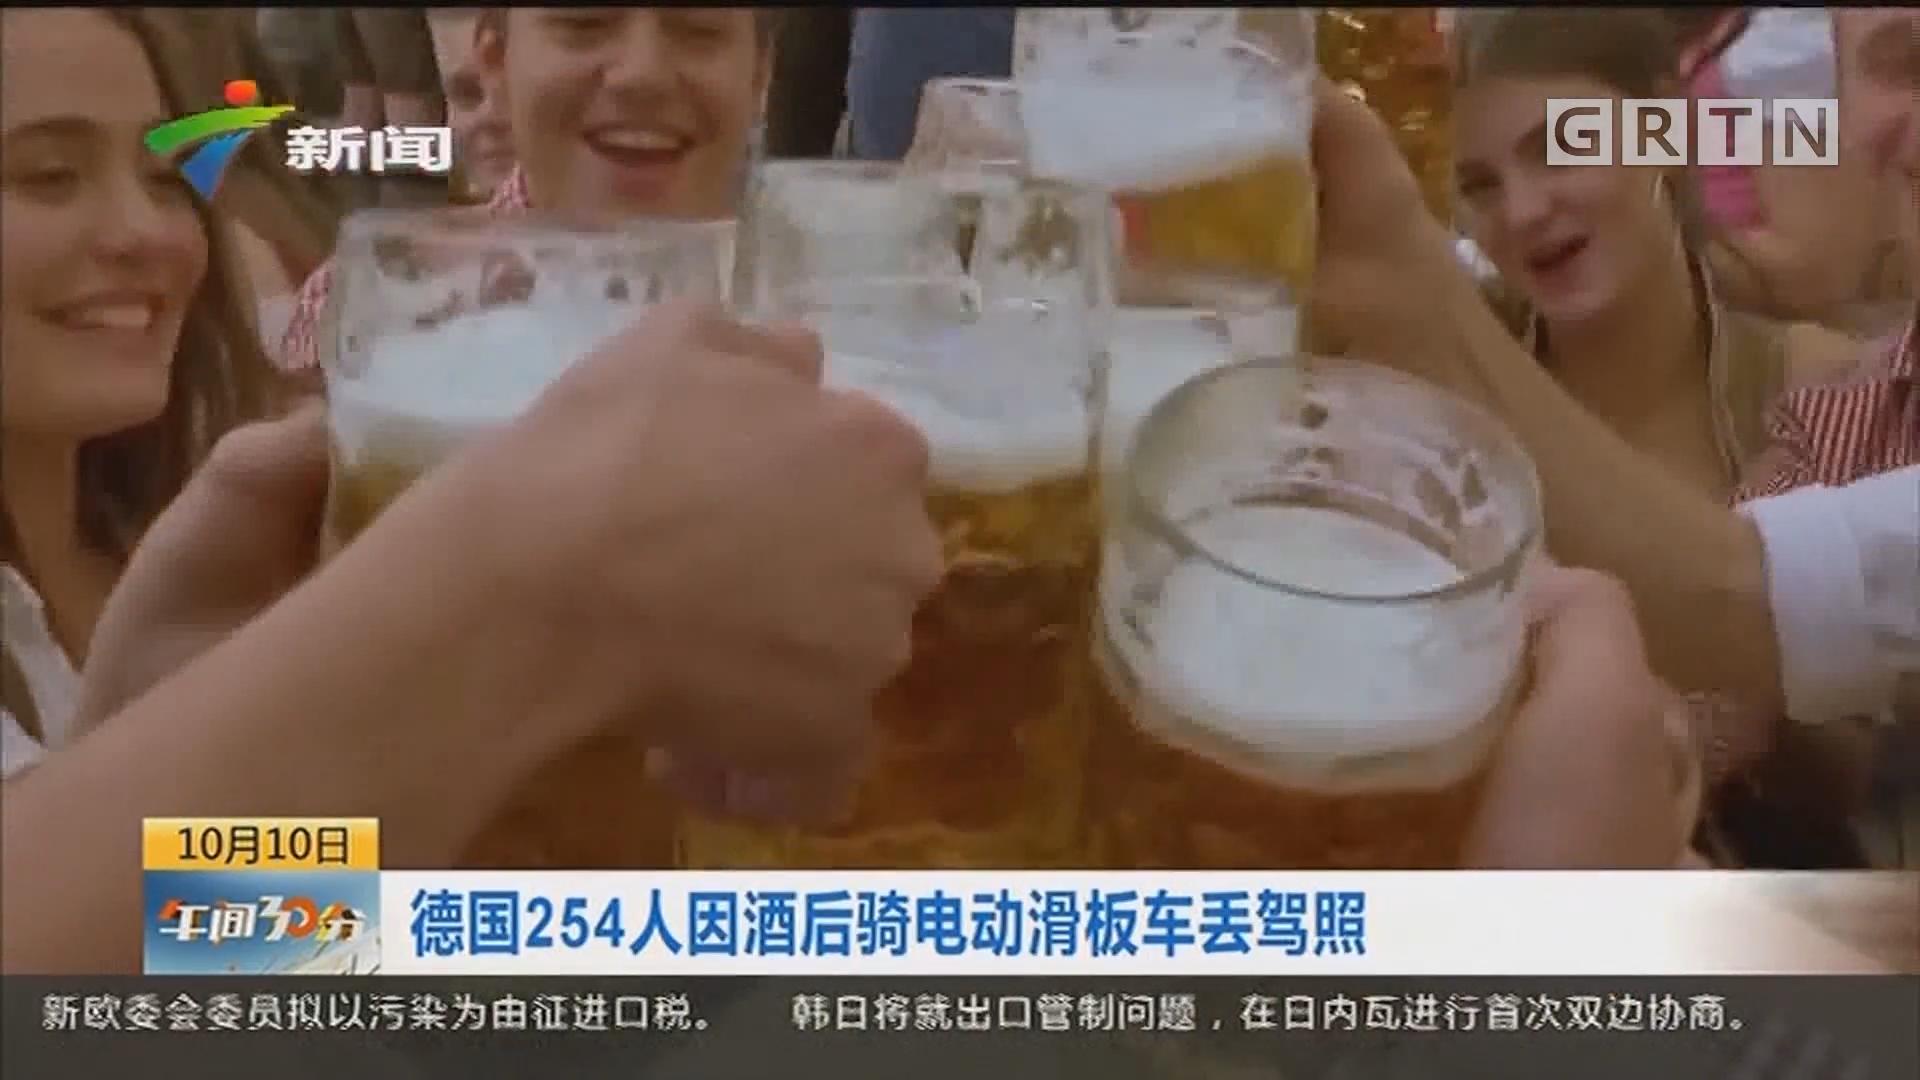 德国254人因酒后骑电动滑板车丢驾照